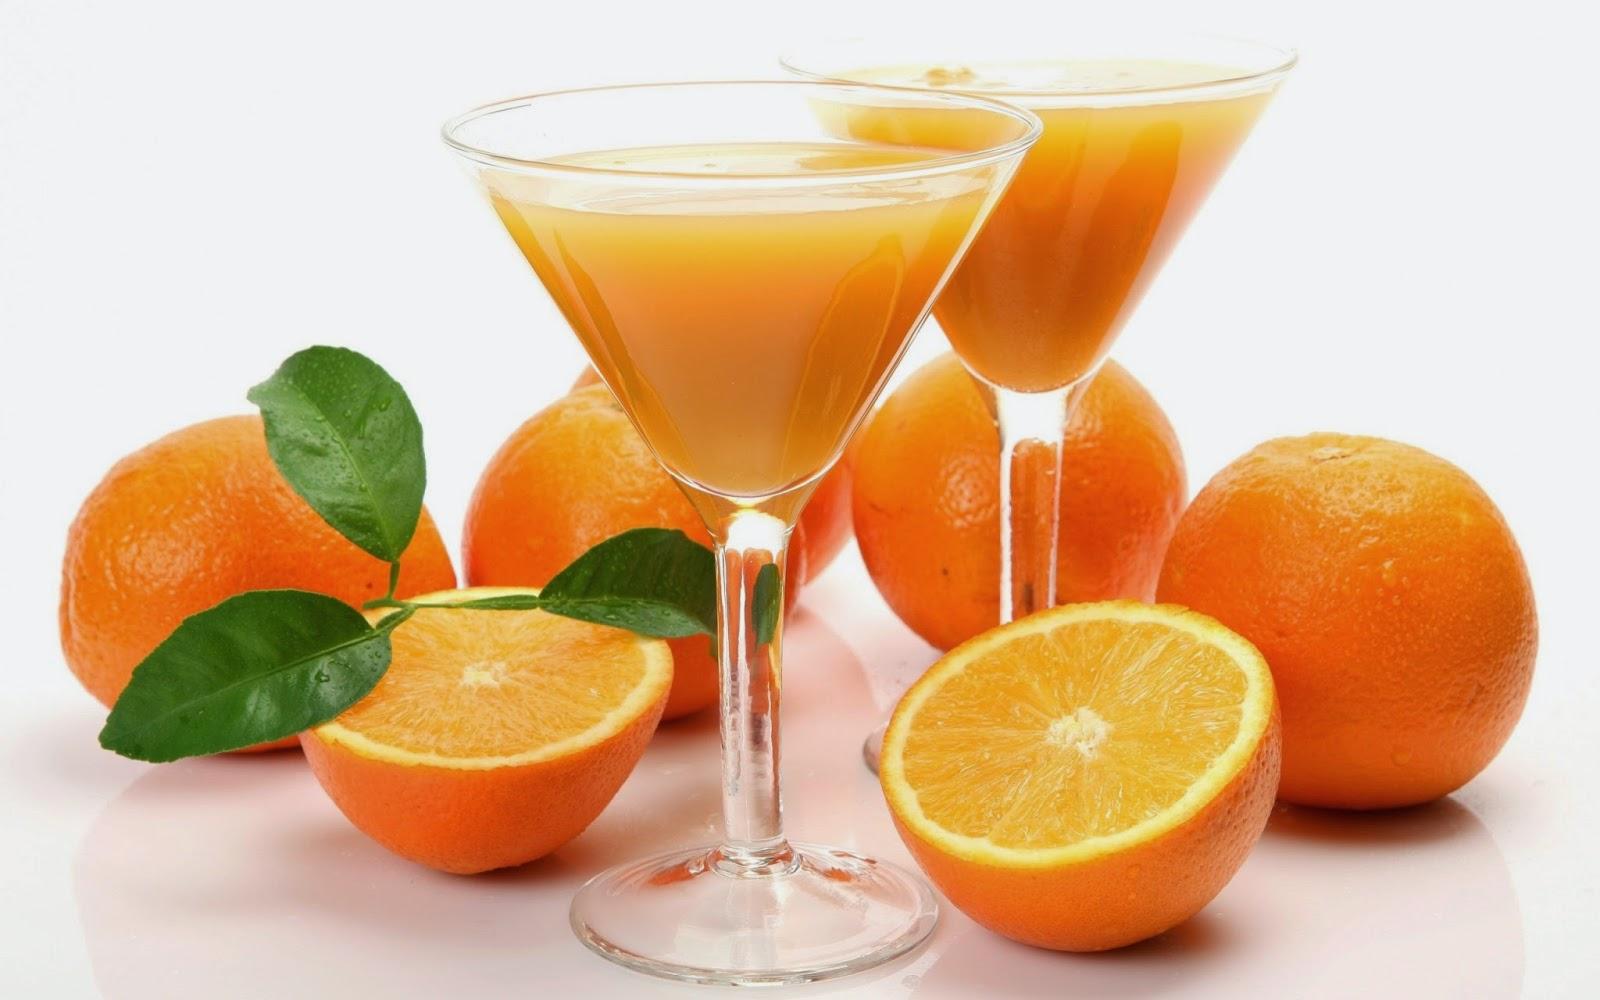 صور فوائد عصير البرتقال للاطفال , فوائد عصير البرتقال لصحه الاطفال